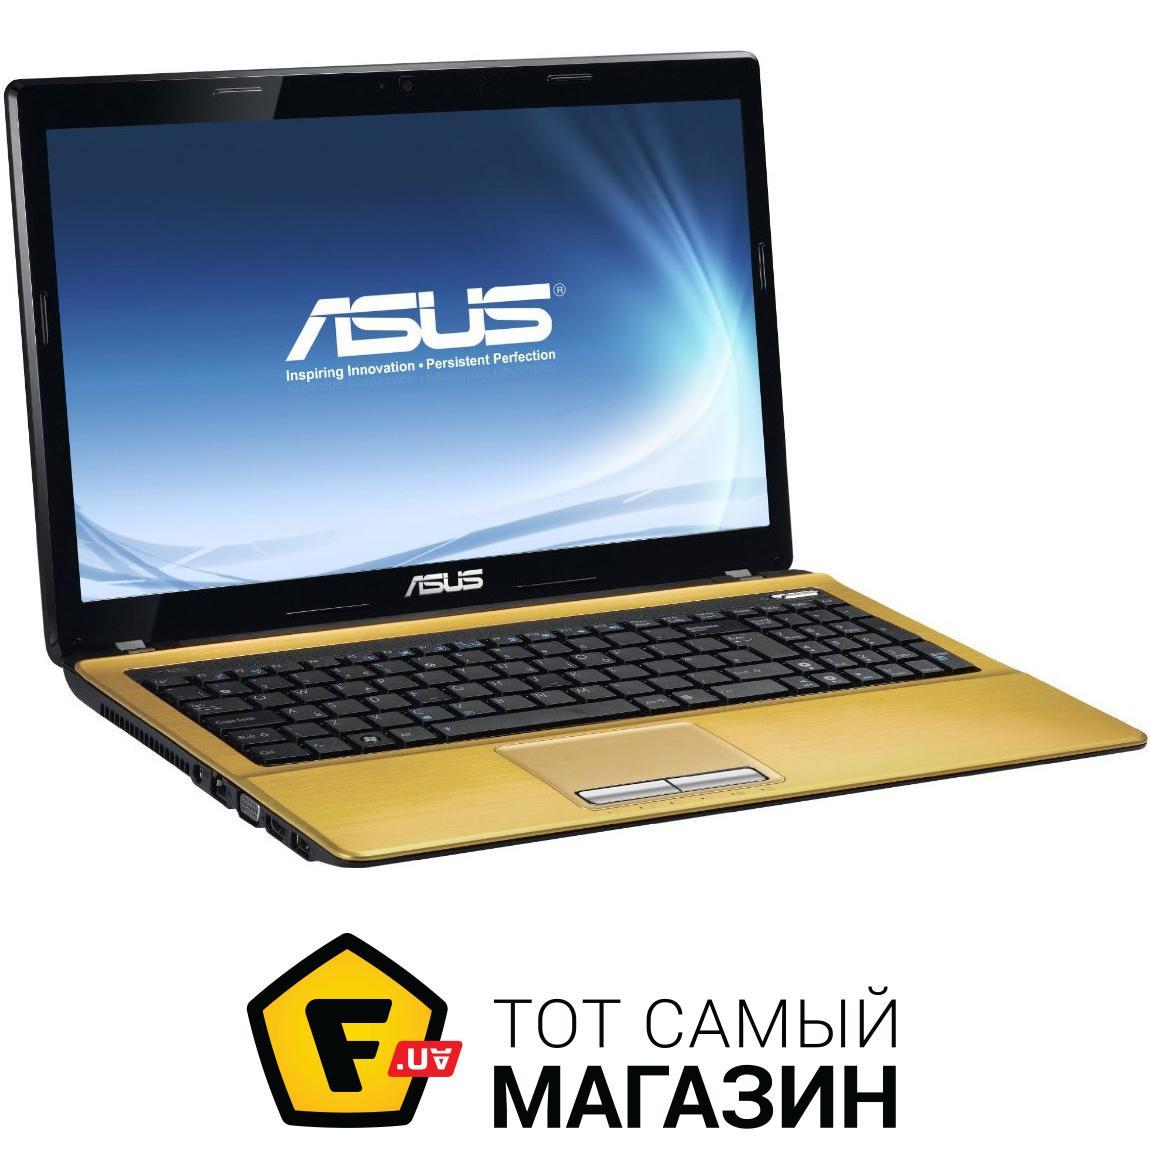 картинки ноутбука асус золотой так плотно